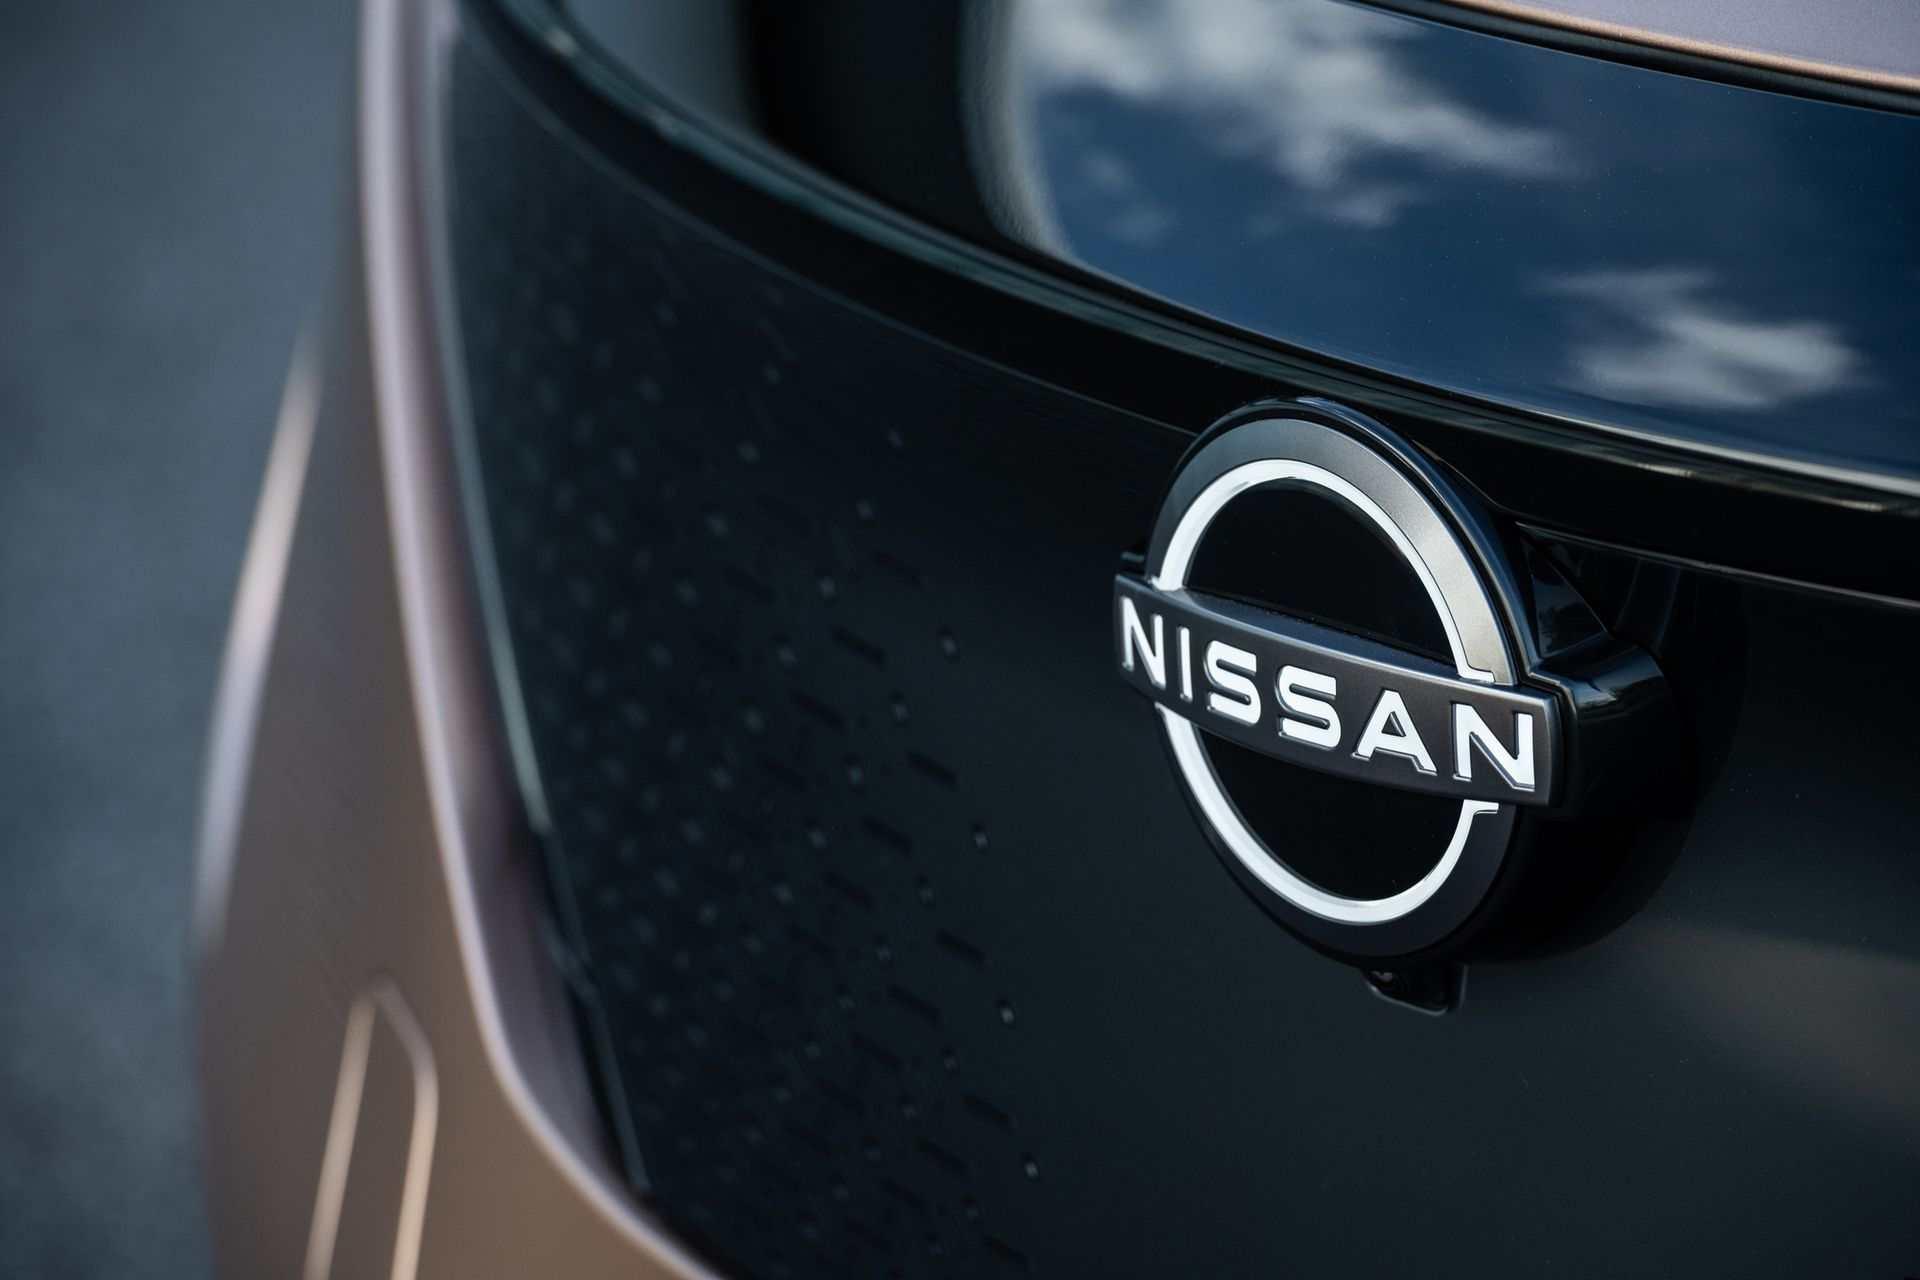 Η Nissan παραδέχεται ότι διαθέτει γήρανση μοντέλων